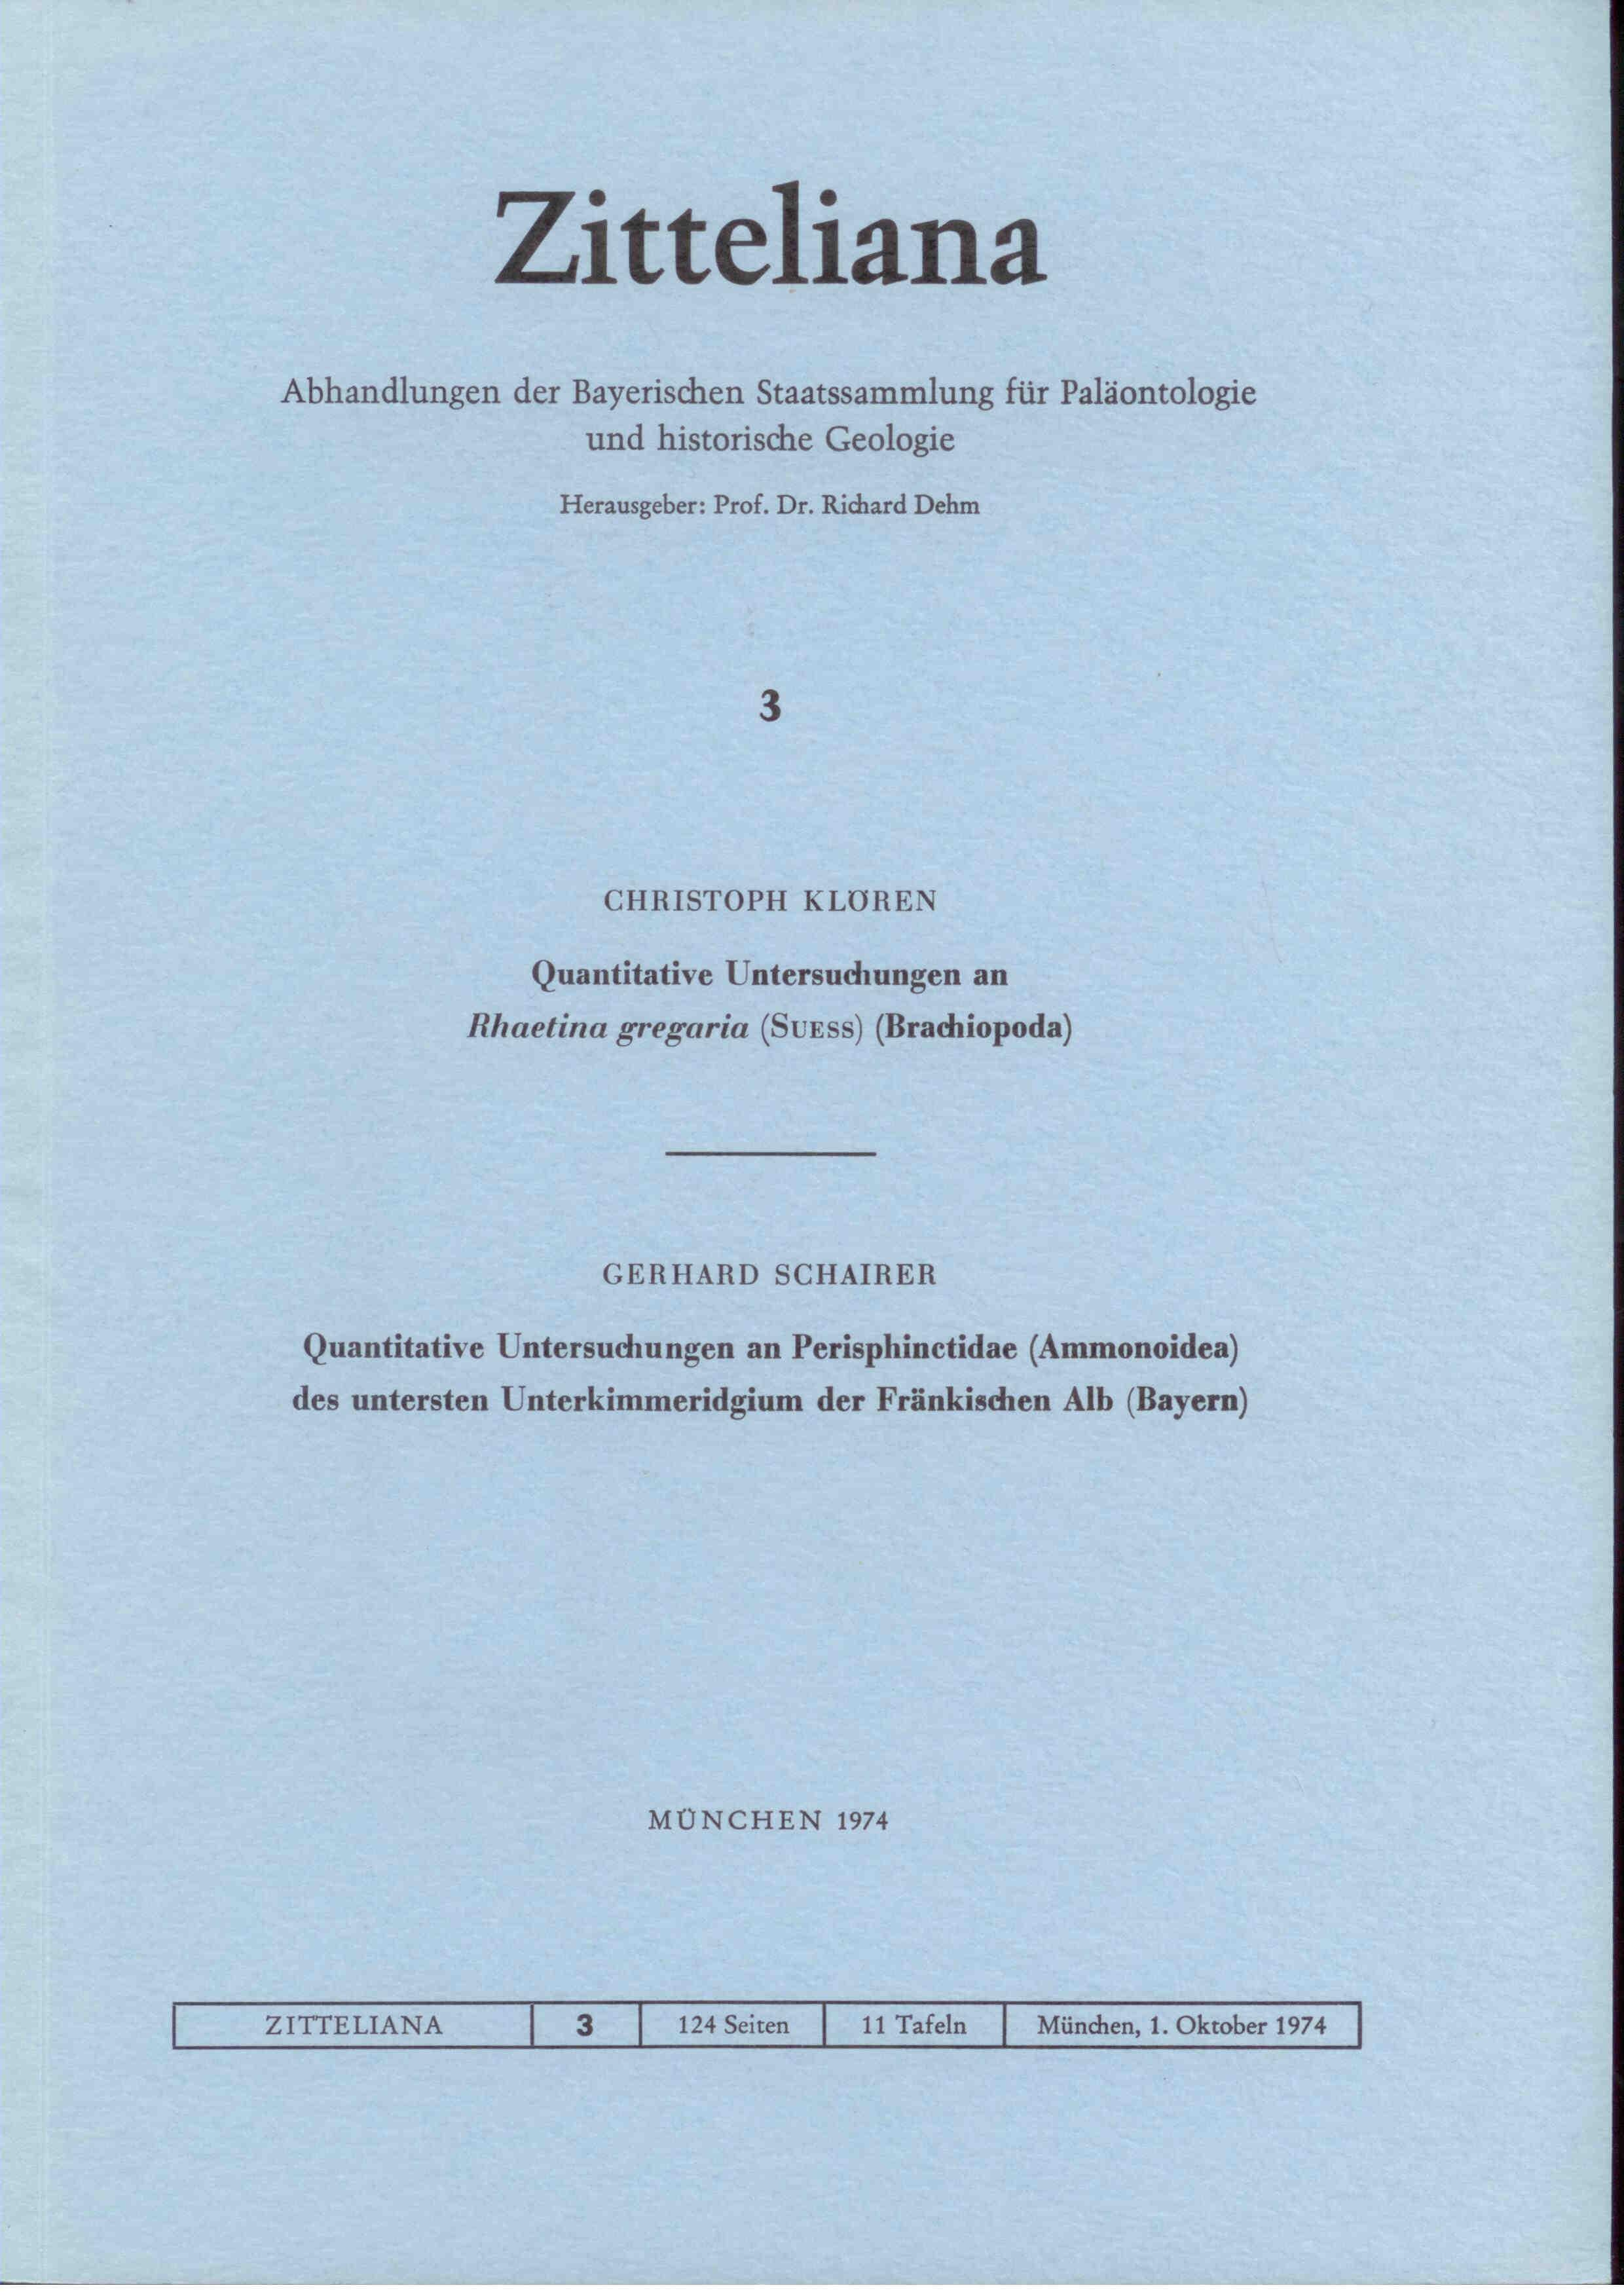 Klören C., Schairer G. :Quantitative Untersuchungen an Rhaetina gregaria (SUESS) (Brachiopoda), Quantitative Untersuchungen an Perisphinctidae (Ammonoidea) des untersten Unterkimmeridgium der Fränkischen Alb (Bayern)  ZITTELIANA 3